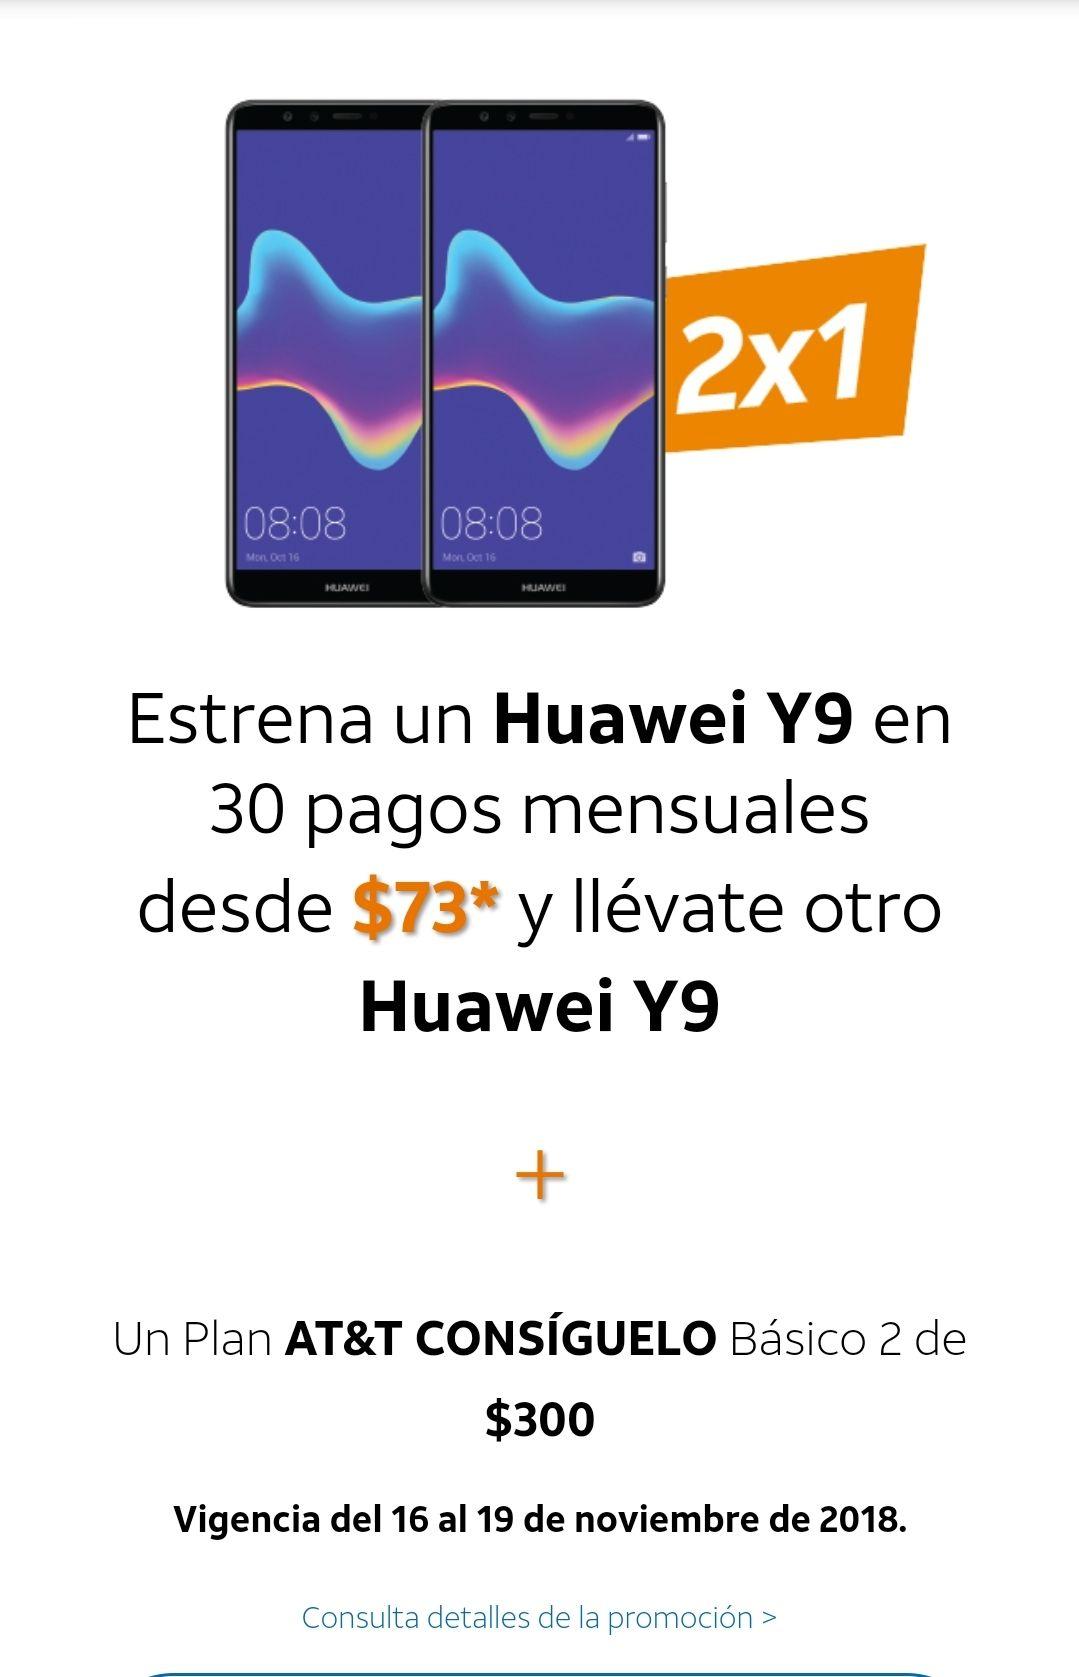 Promociones del Buen Fin 2018 en AT&T: Huawei Y9 2x1 - en la adquisición de 2 planes llévate el segundo equipo sin pago.